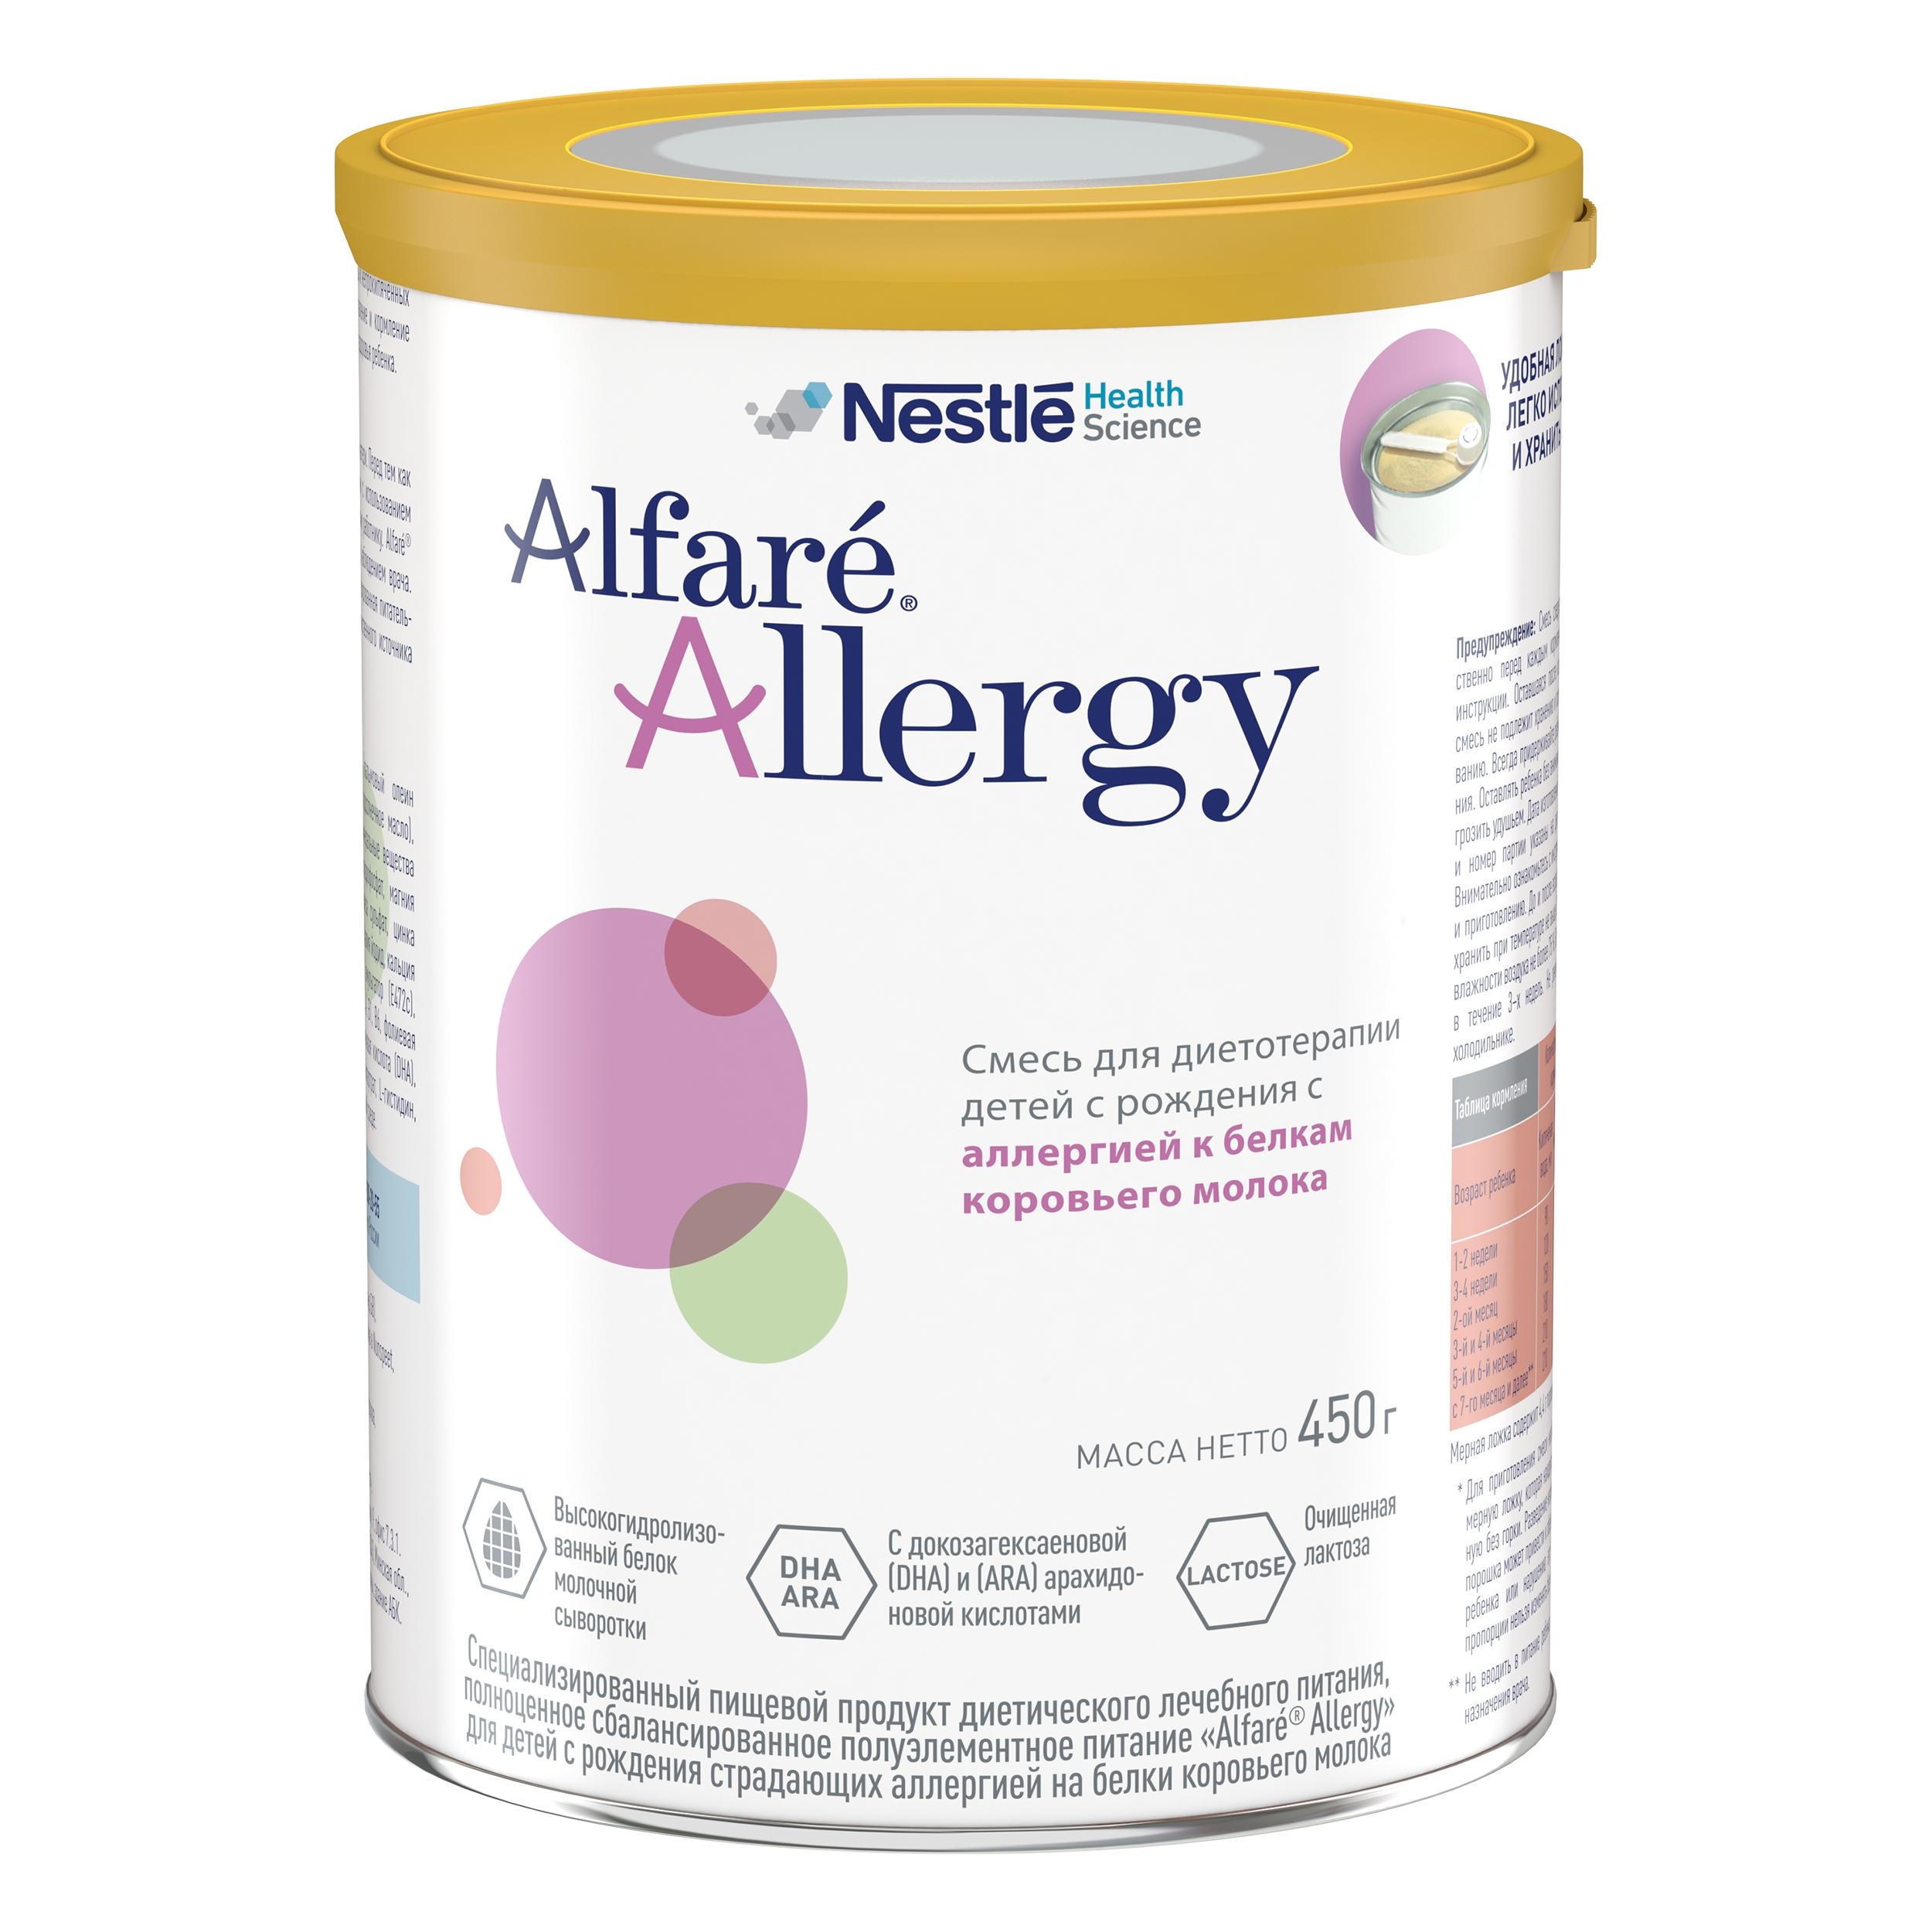 Aлфаре Аллерджи сухая смесь для диетотерапии аллергии к белкам коровьего молока у детей с рождения 450г (Alfare Allergy)